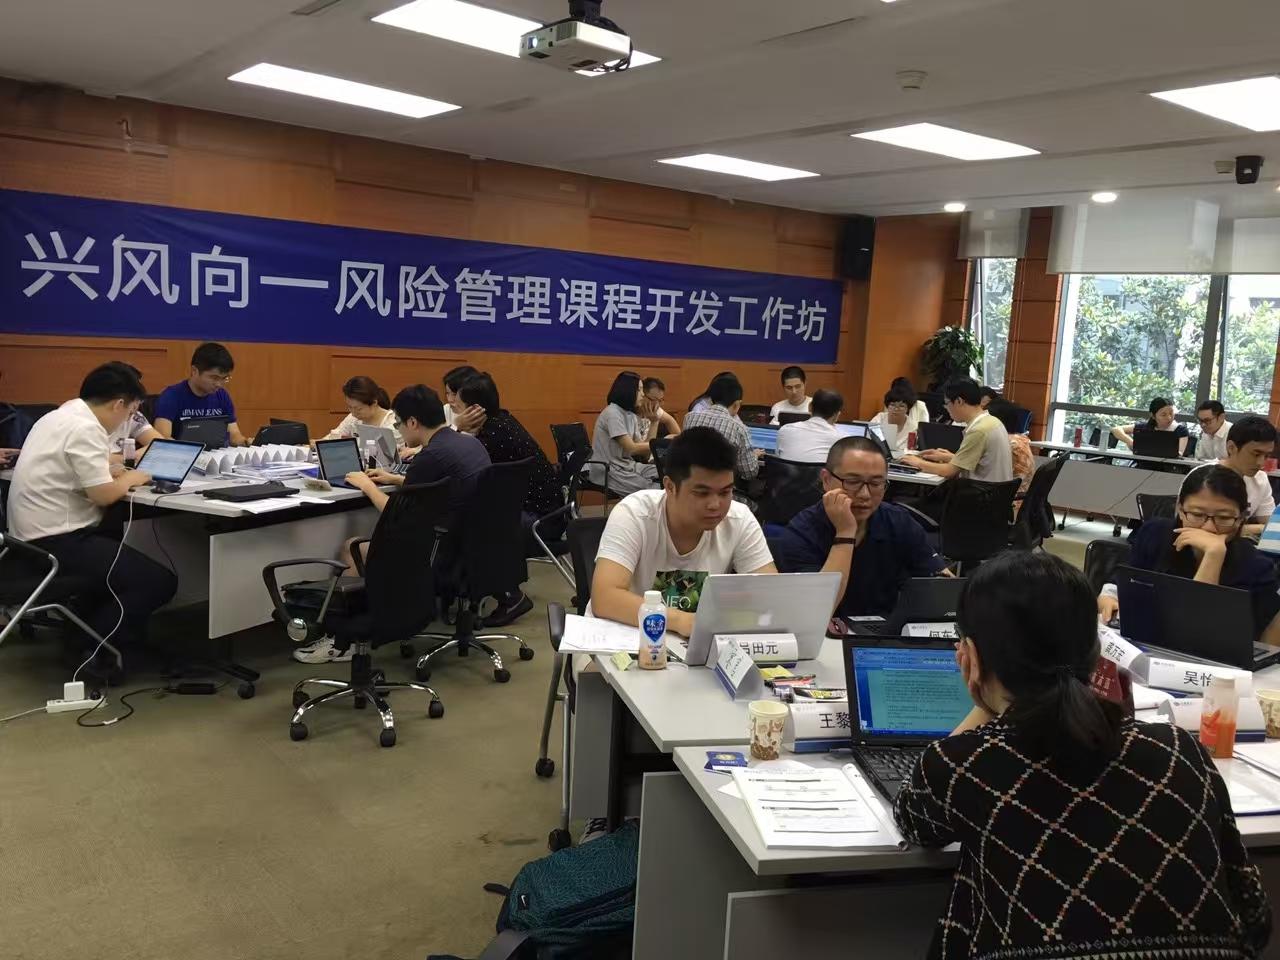 兴业银行《FAST高效课程开发》 培训师邱伟